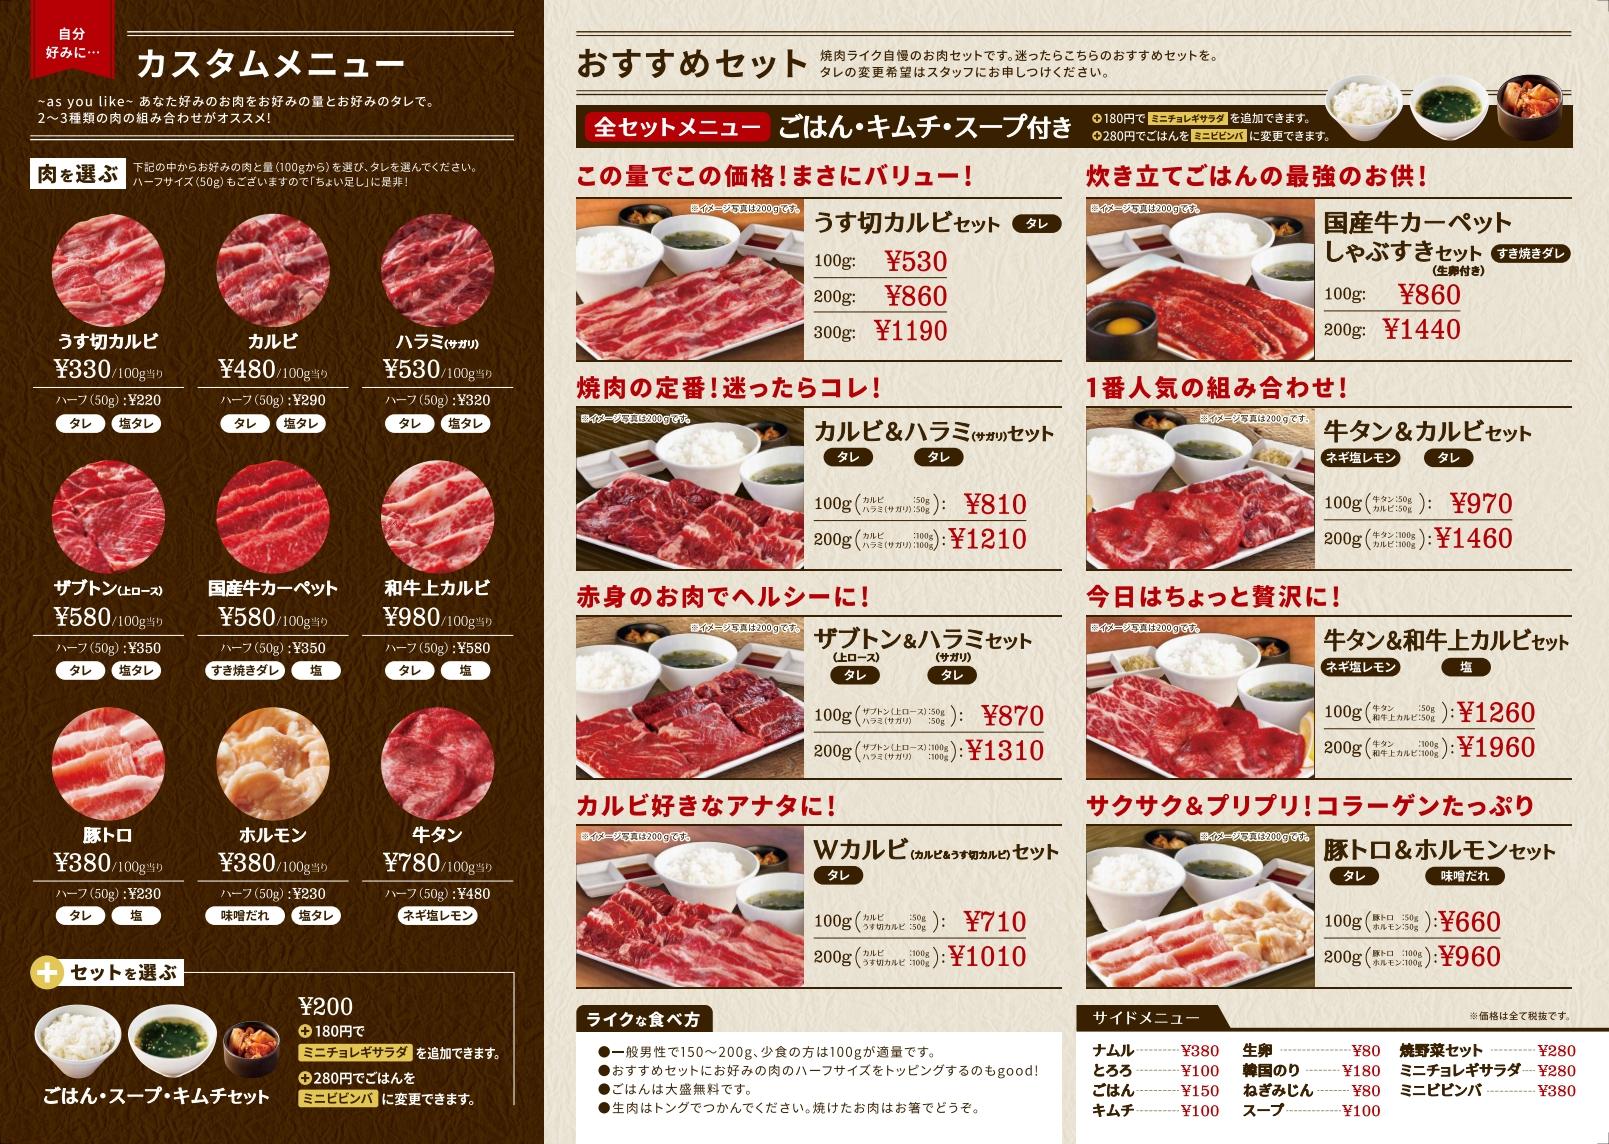 ライク 焼き肉